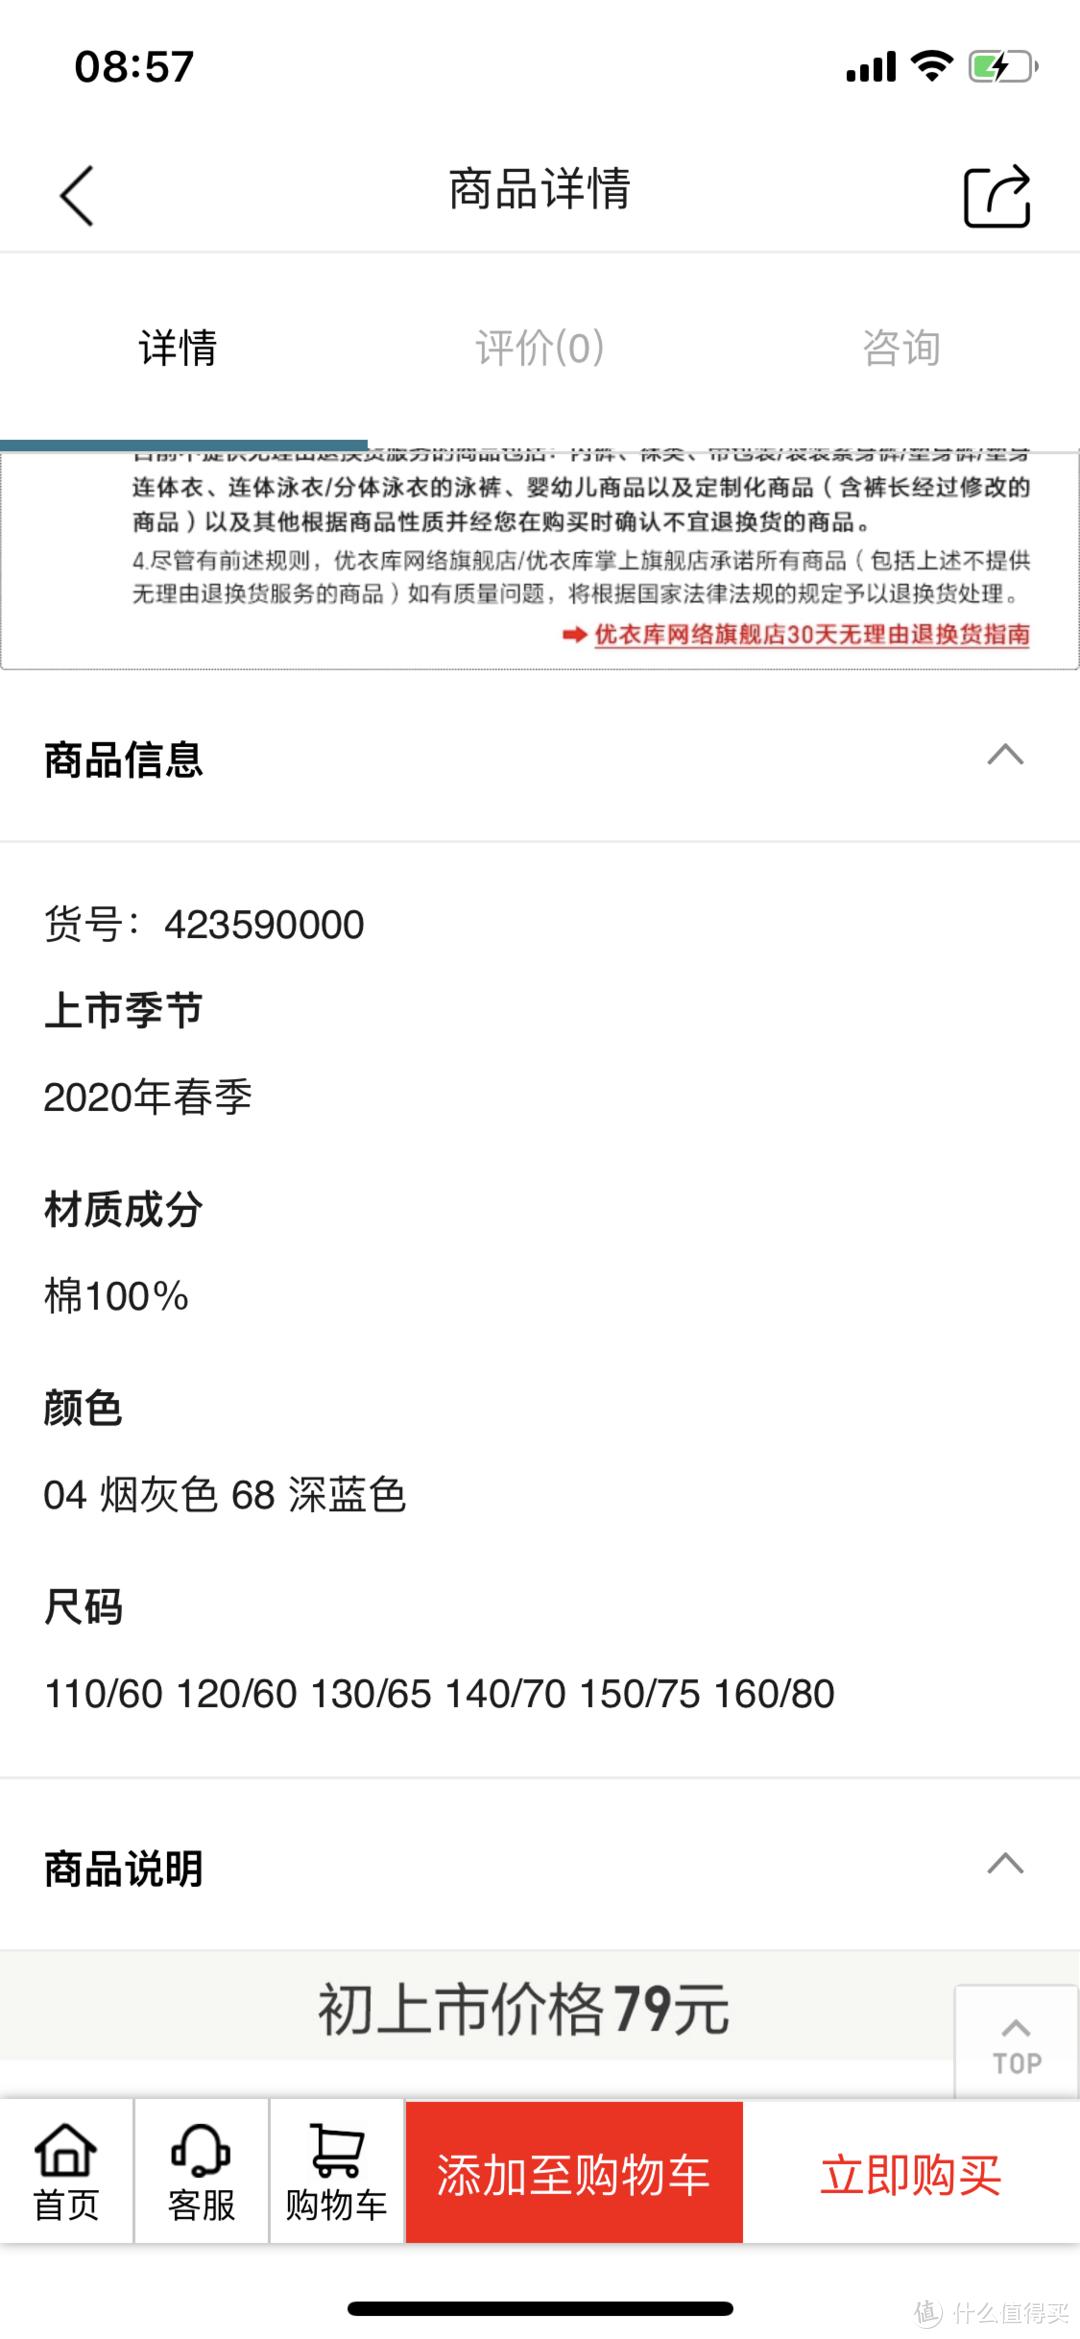 新春年货添新裳,武装到内裤—优衣库棉质儿童内裤(深蓝色,尺码110)